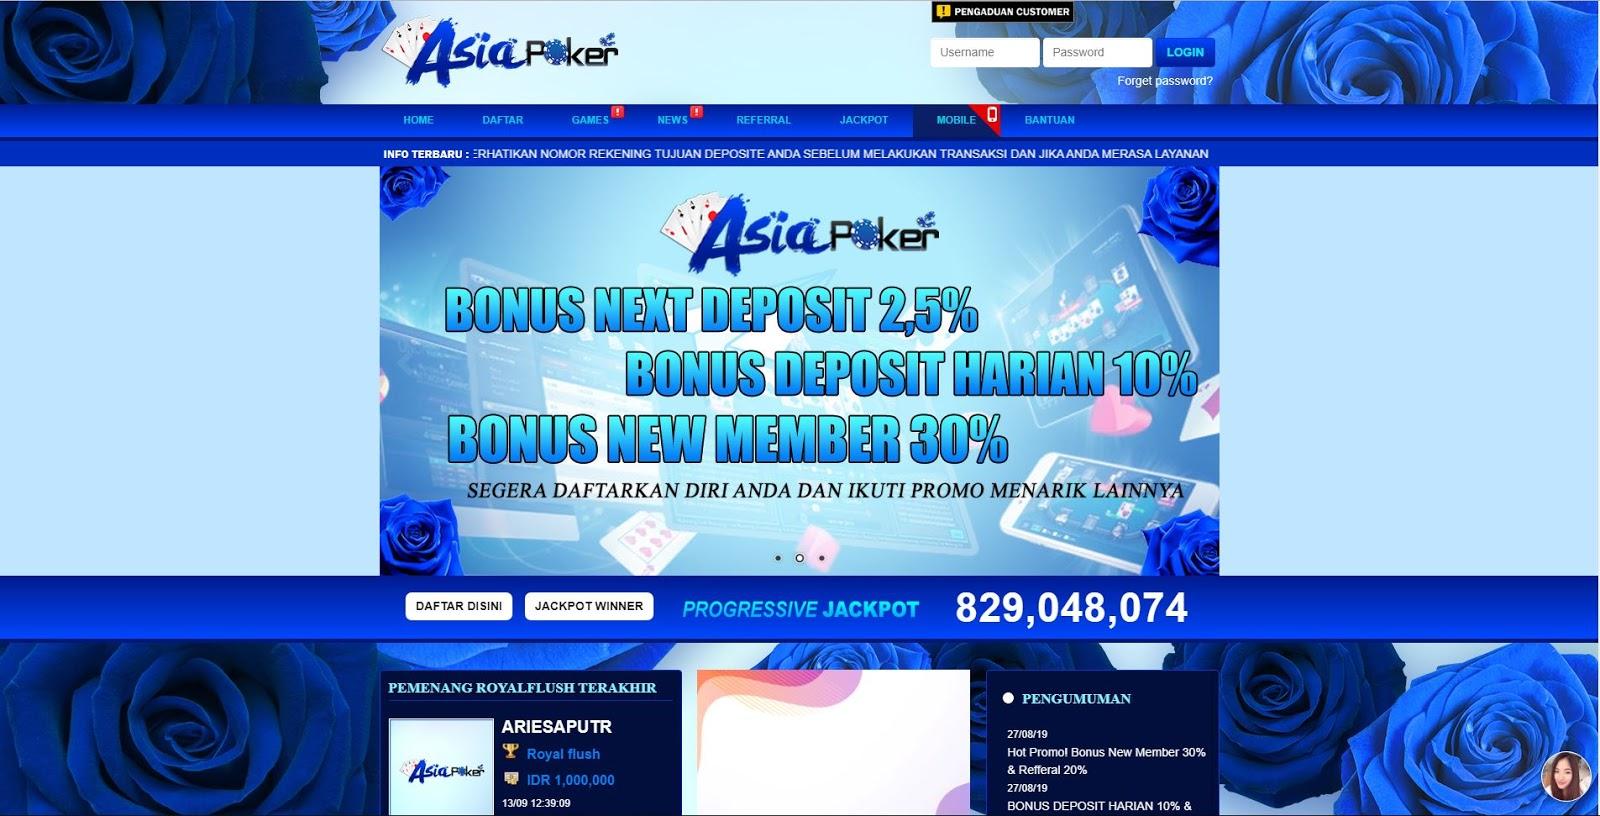 Skupnosti Sio Asia Poker Cara Mendaftar Situs Judi Online Hanya 5 Menit